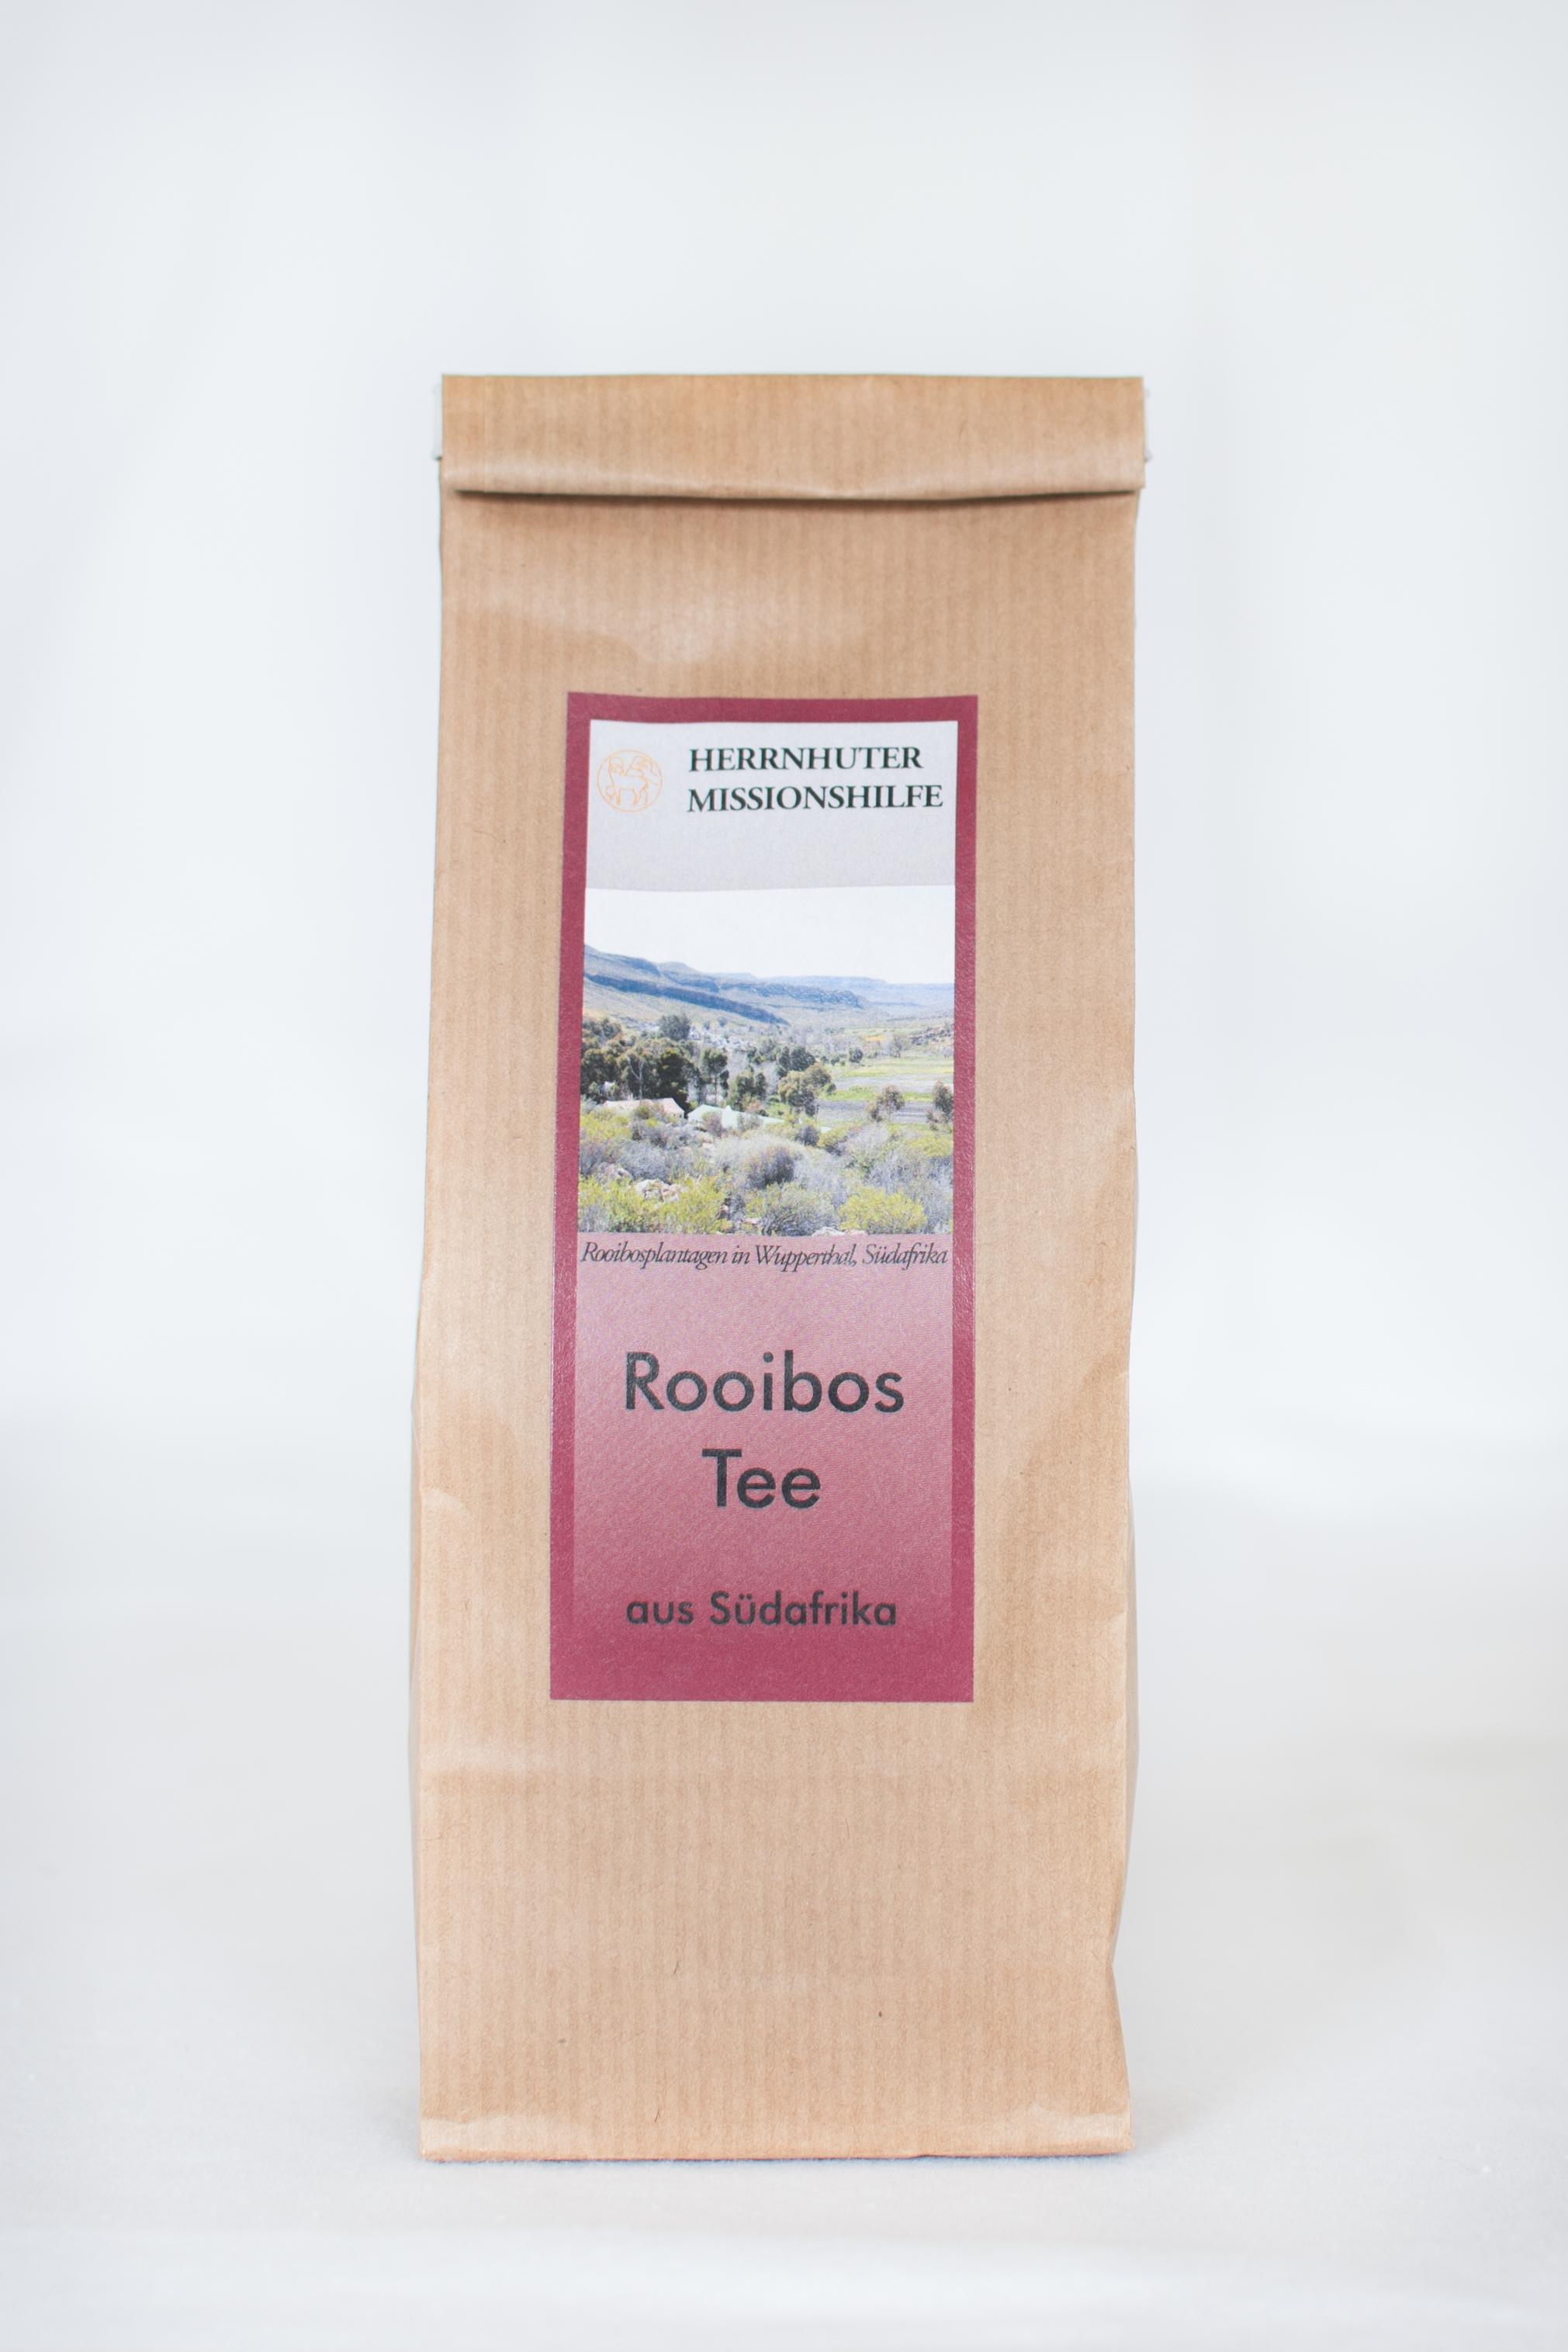 Rooibostee lose, 100 g in Tüte